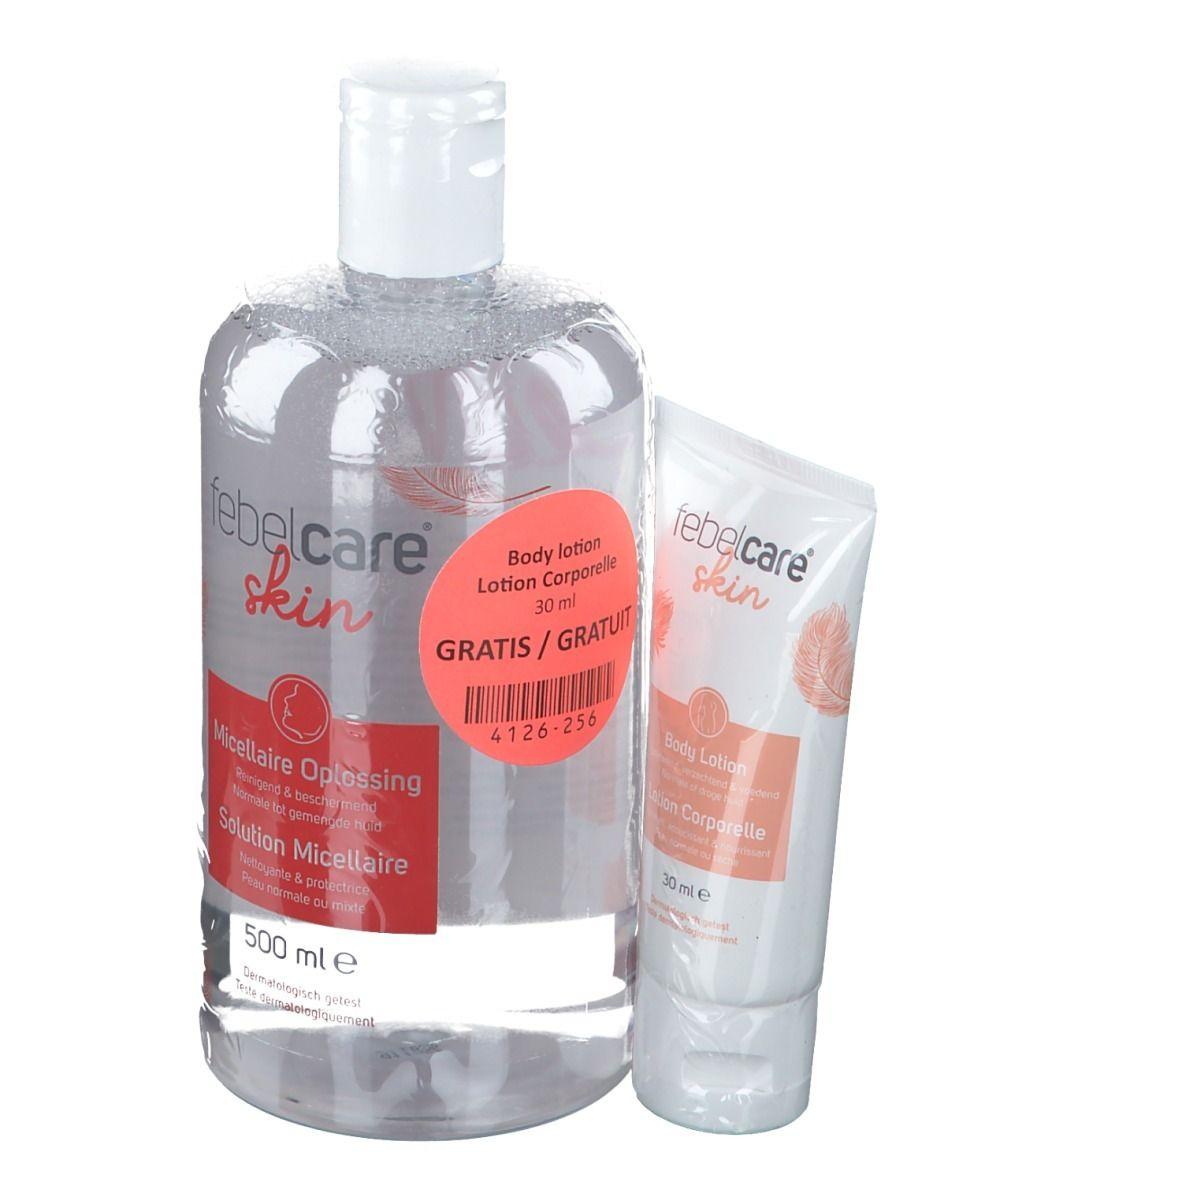 Image of febelcare® skin Bpdylotion und Mizellenreinigungslösung